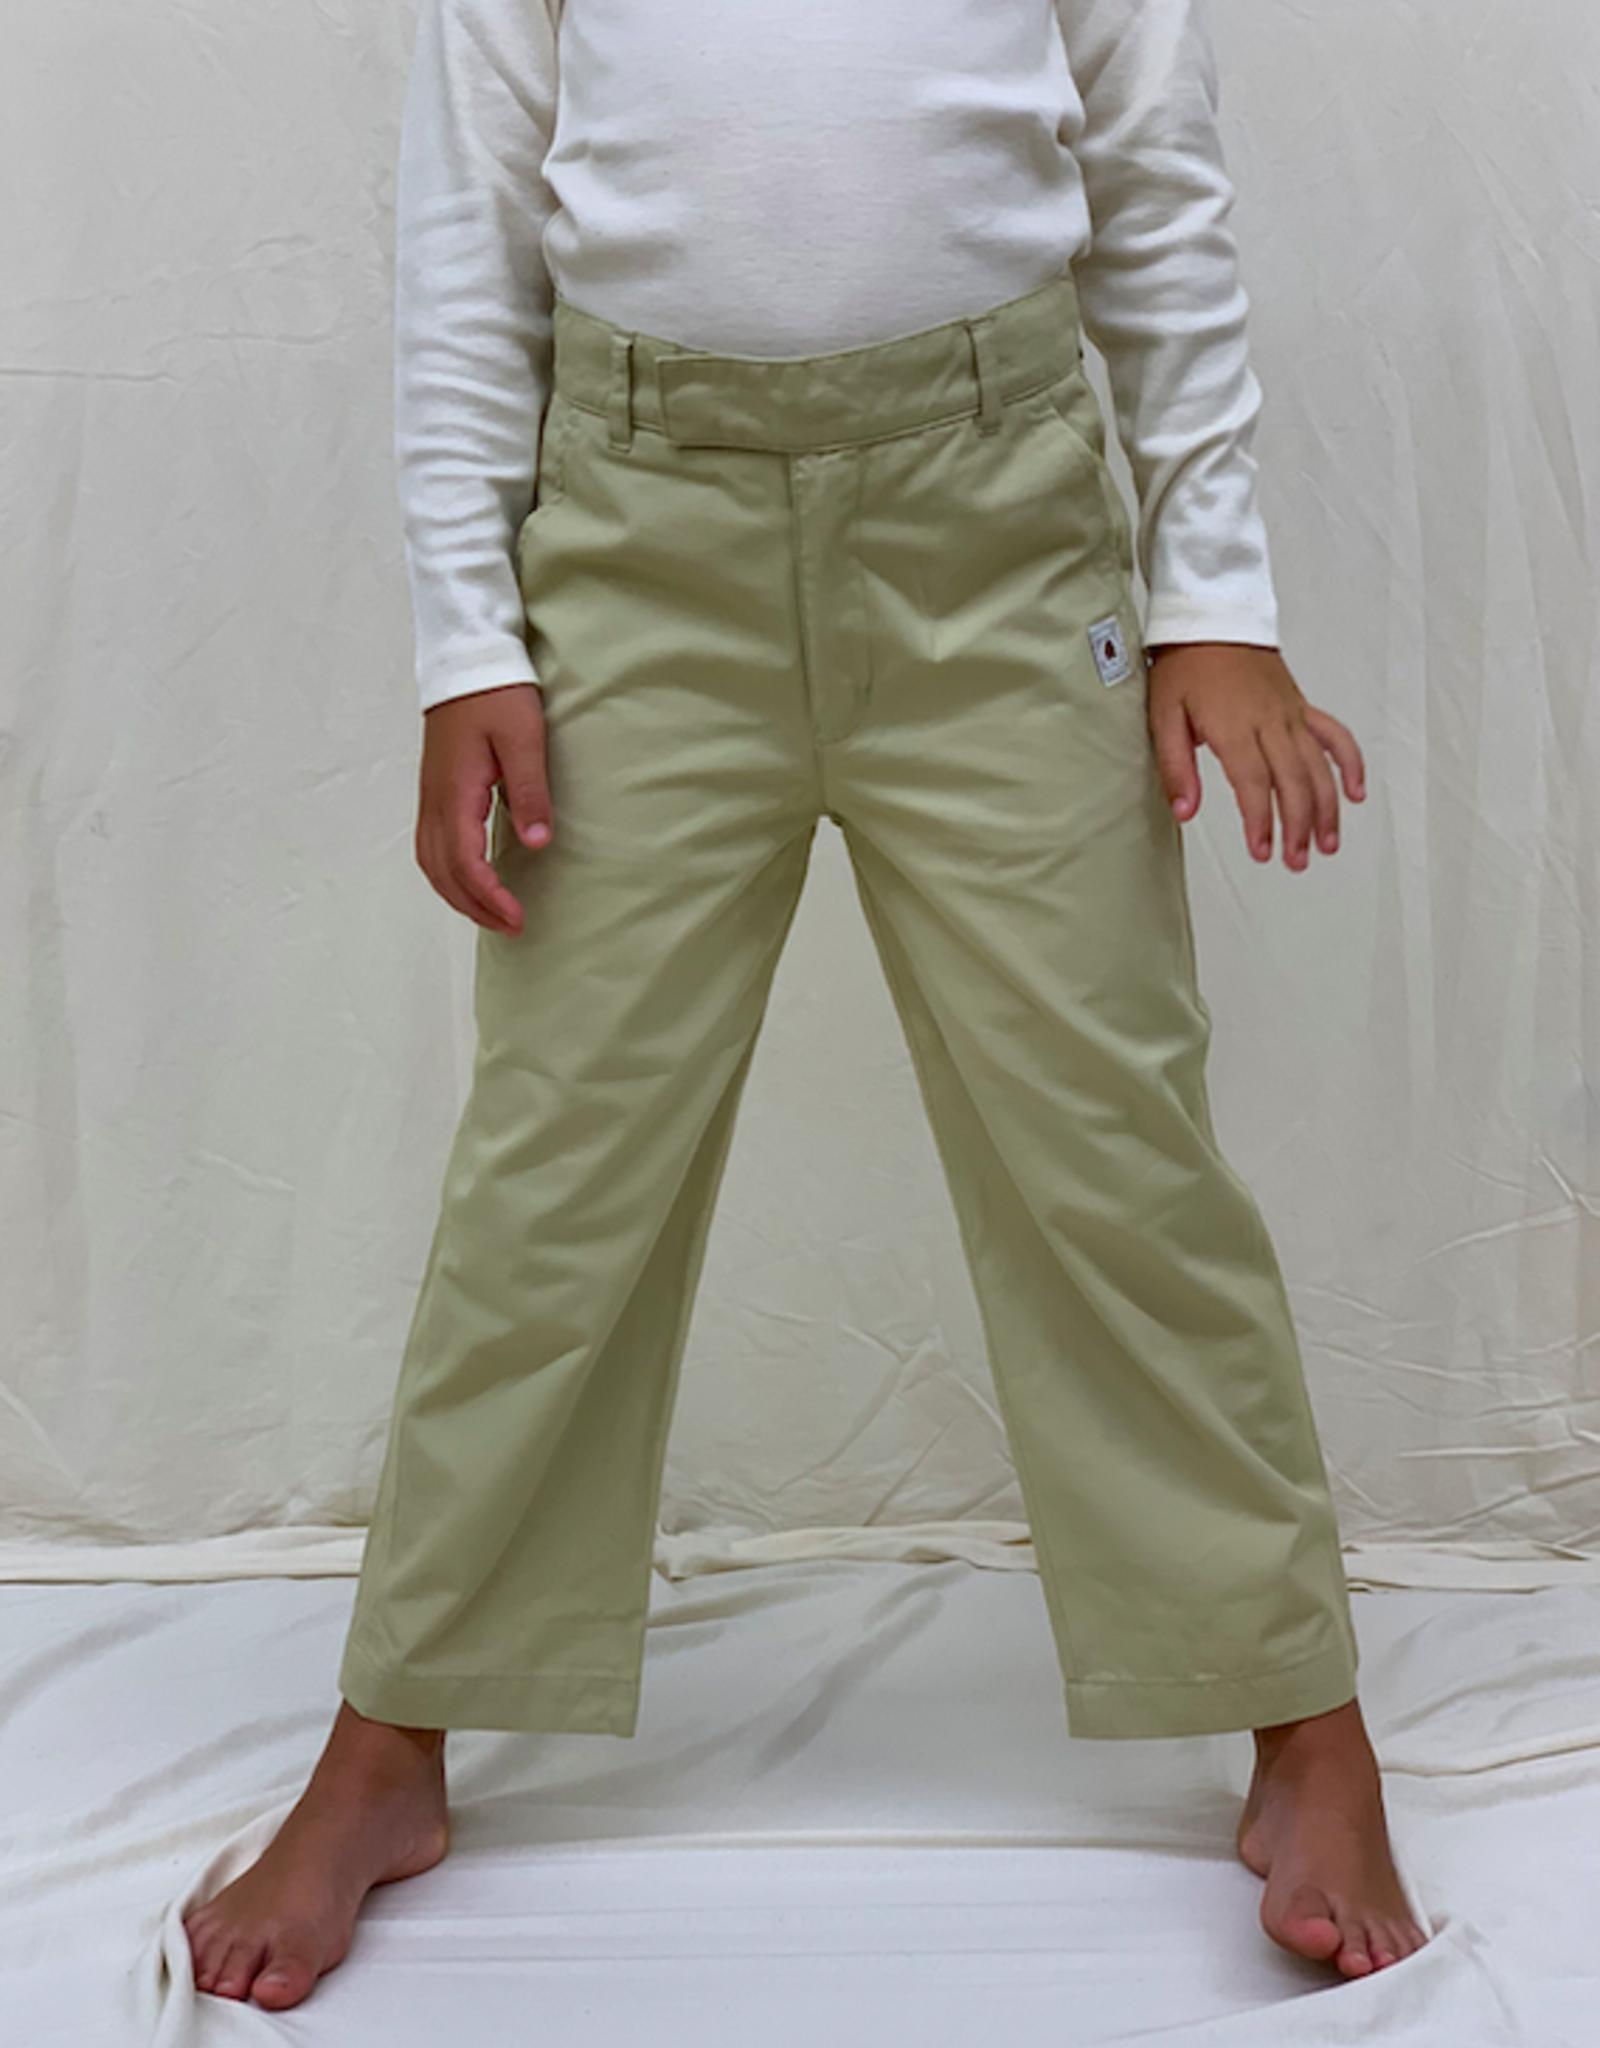 Pantalón largo junior. Tallas 2, 4, 6 años.